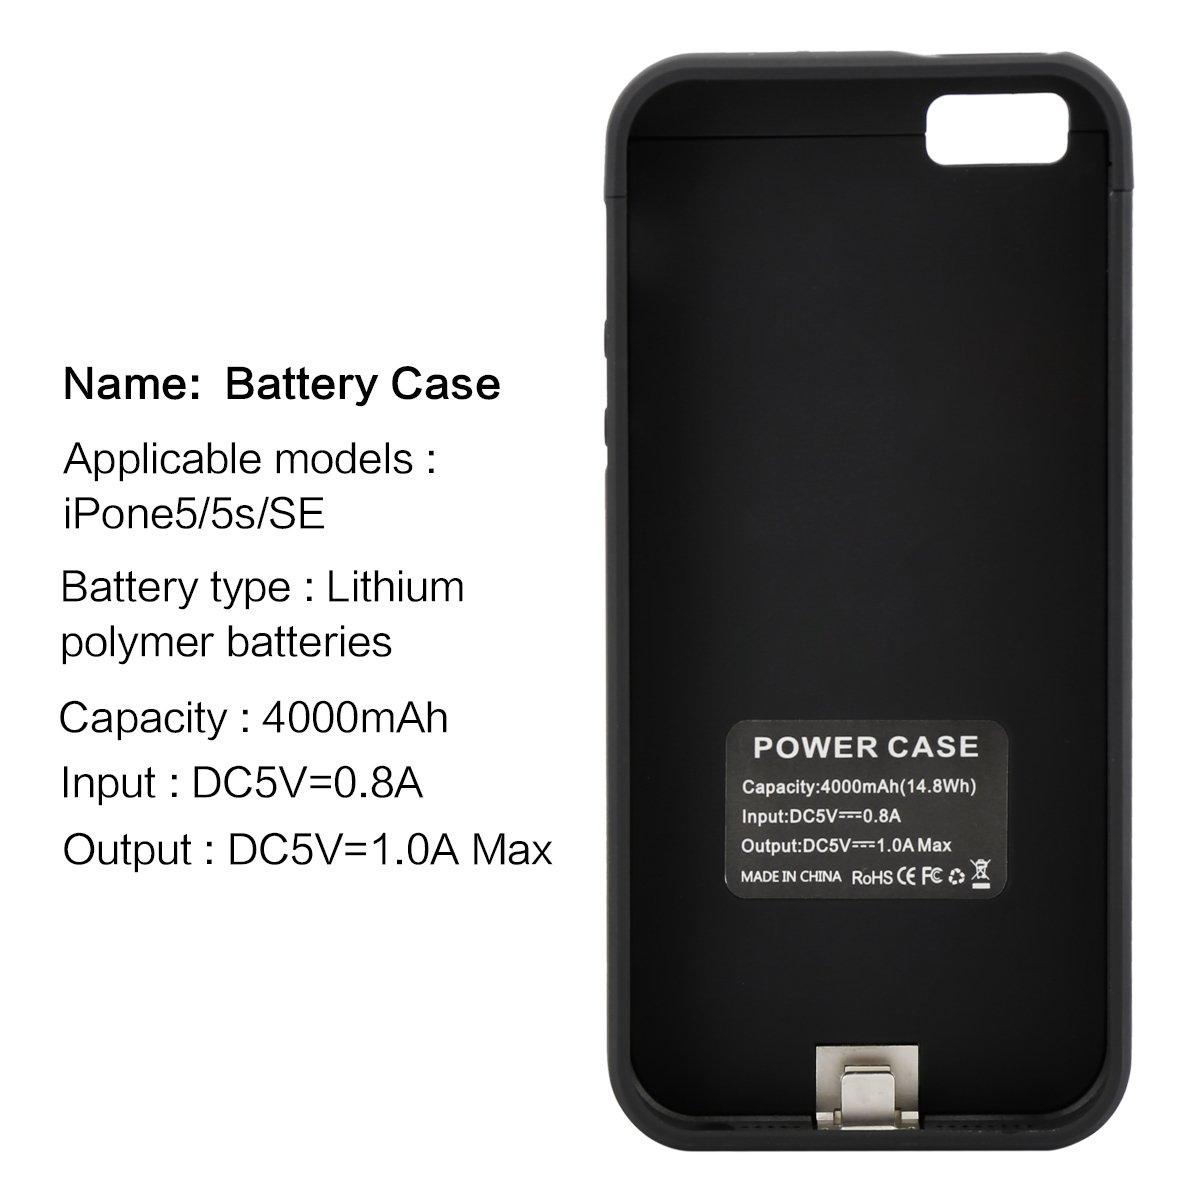 54eda6dba4d Baterías Accesorios Funda Batería iPhone 5 5S 5C SE LifeePro 4200mAh  Batería Recargable Externa Ultra Delgada Protector portátil ...